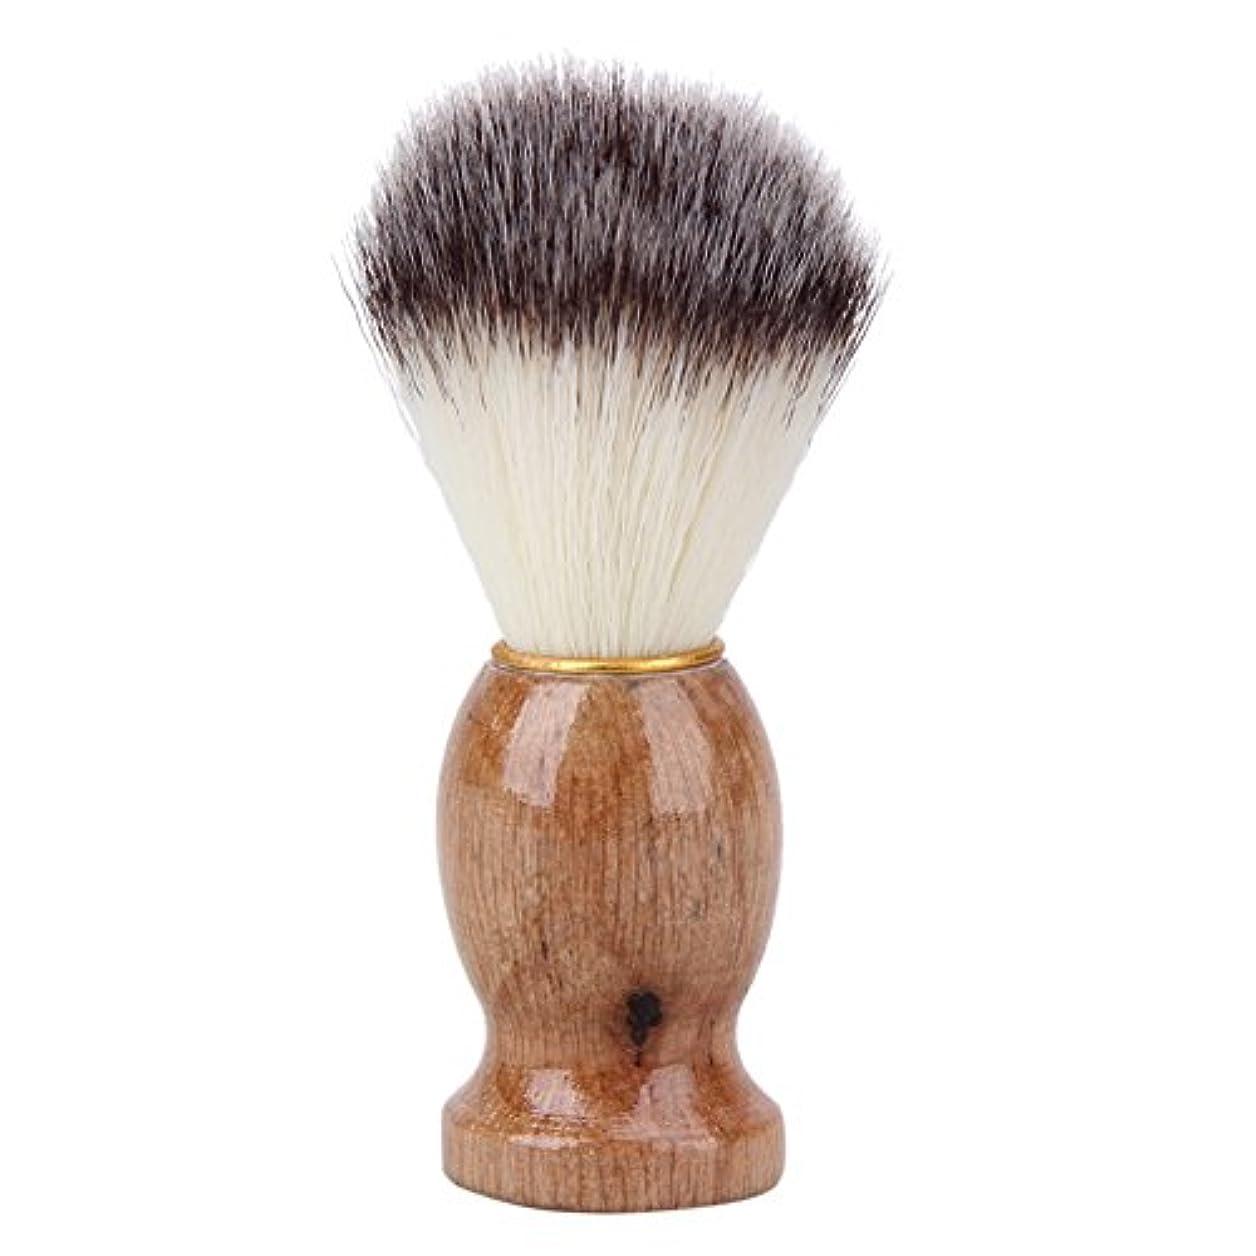 クローゼット敏感なキャリッジゴールデンサークル、男性、ひげブラシ、シェービングブラシ、美容ツール